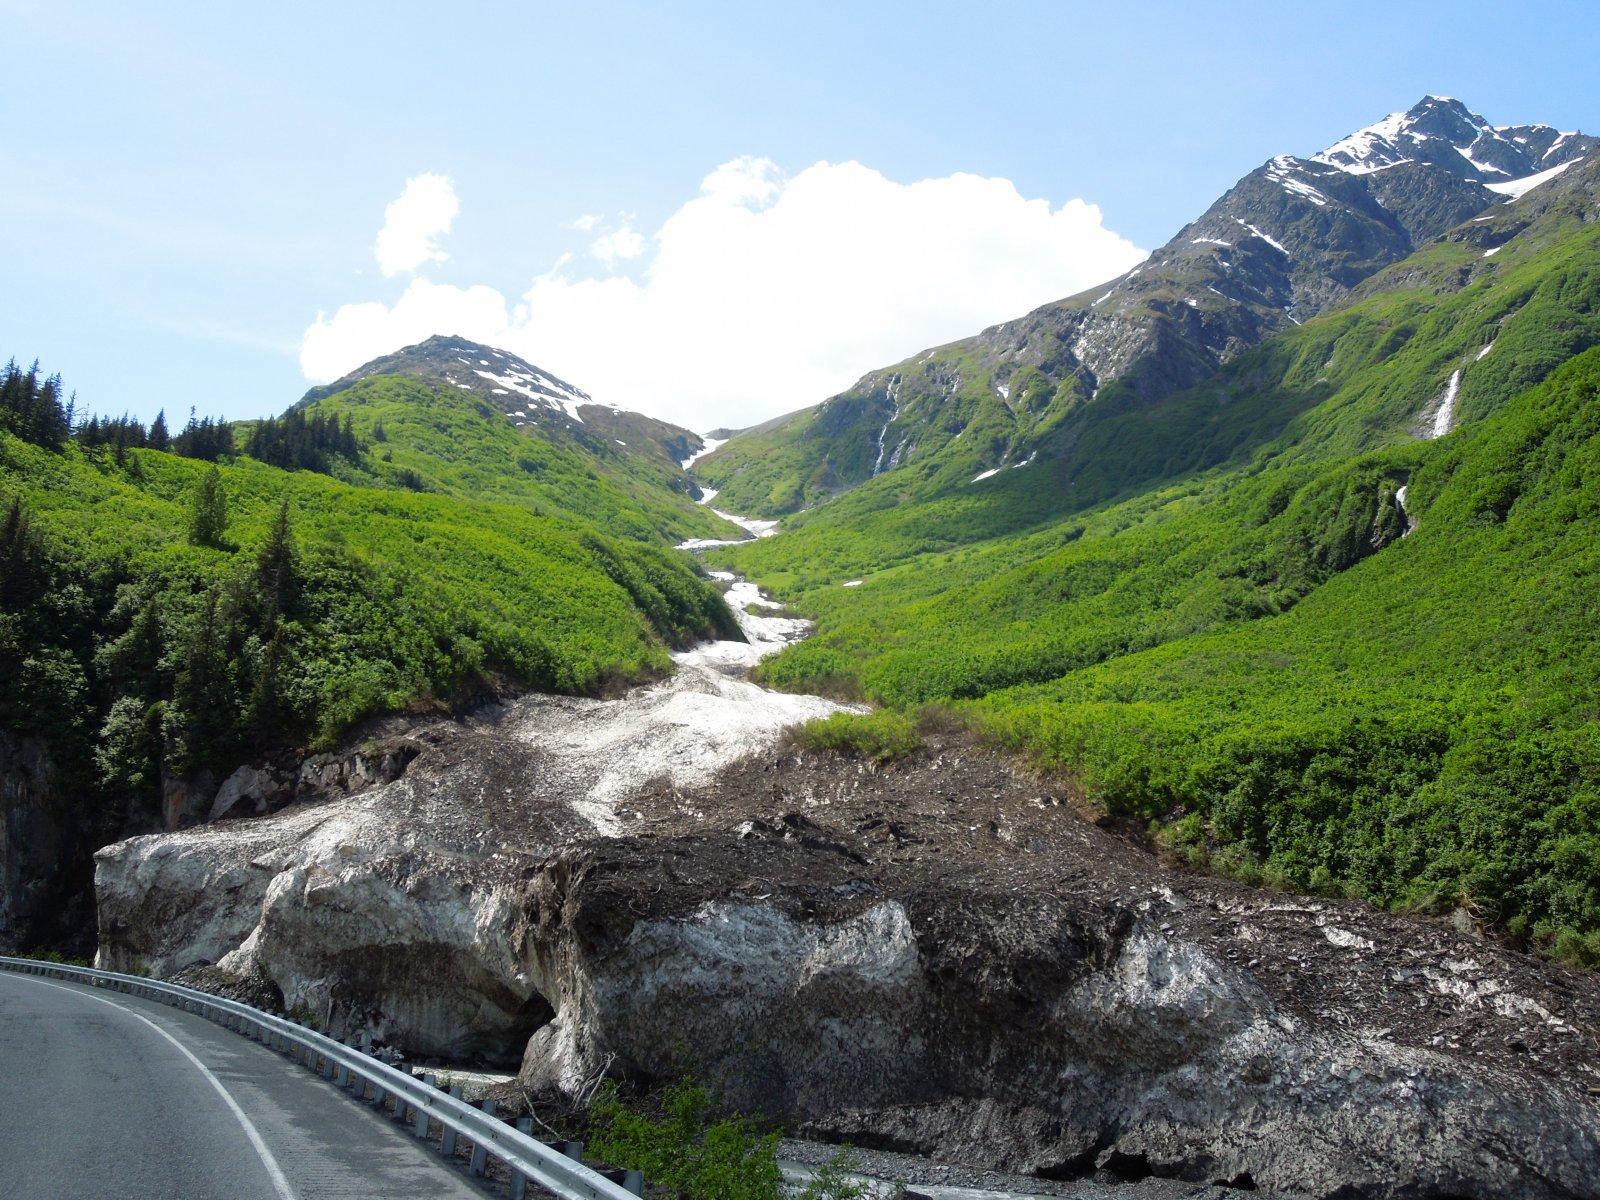 Click image for larger version  Name:Glennallen to Valdez 101.jpg Views:60 Size:478.8 KB ID:215341